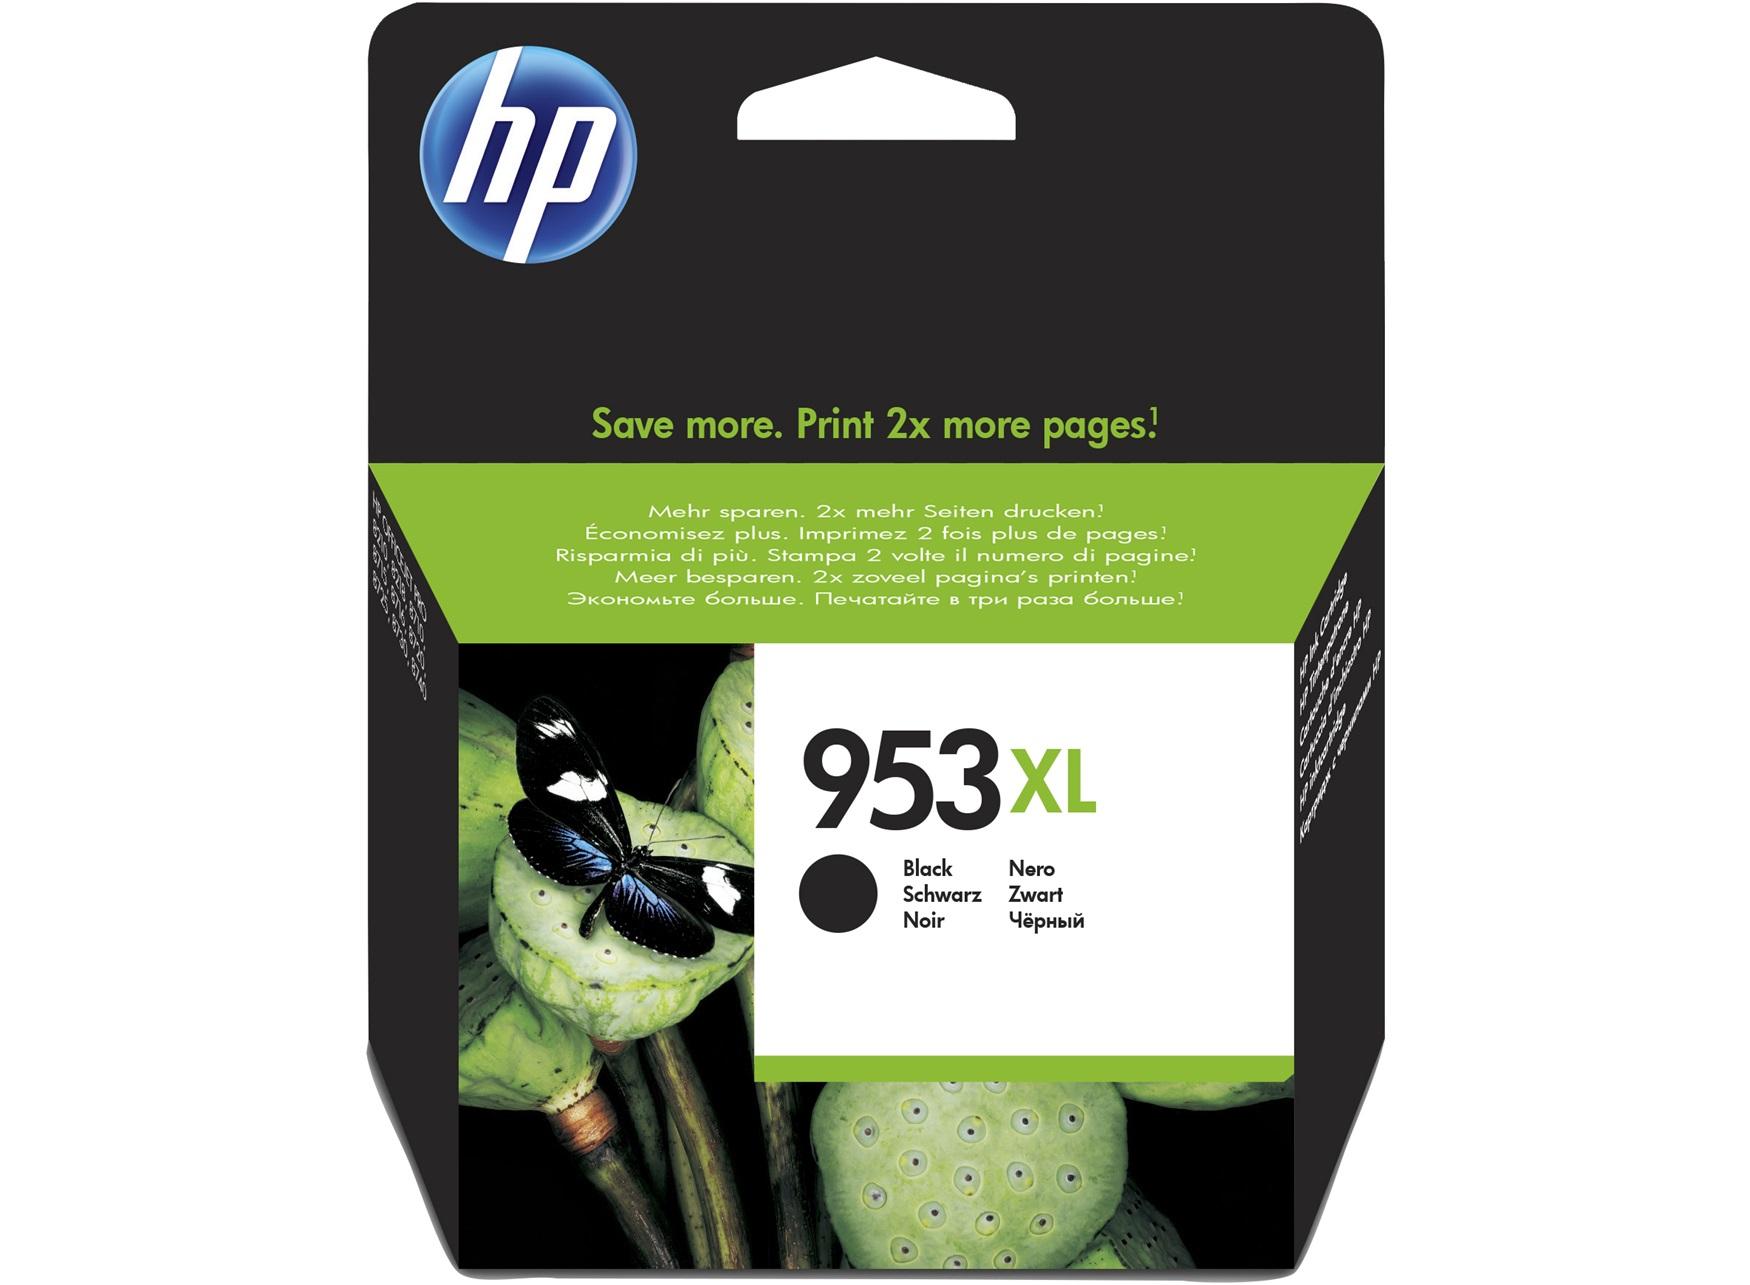 HP 953XL Black Original Ink Cartridge 42.5ml 2000pages Black ink cartridge